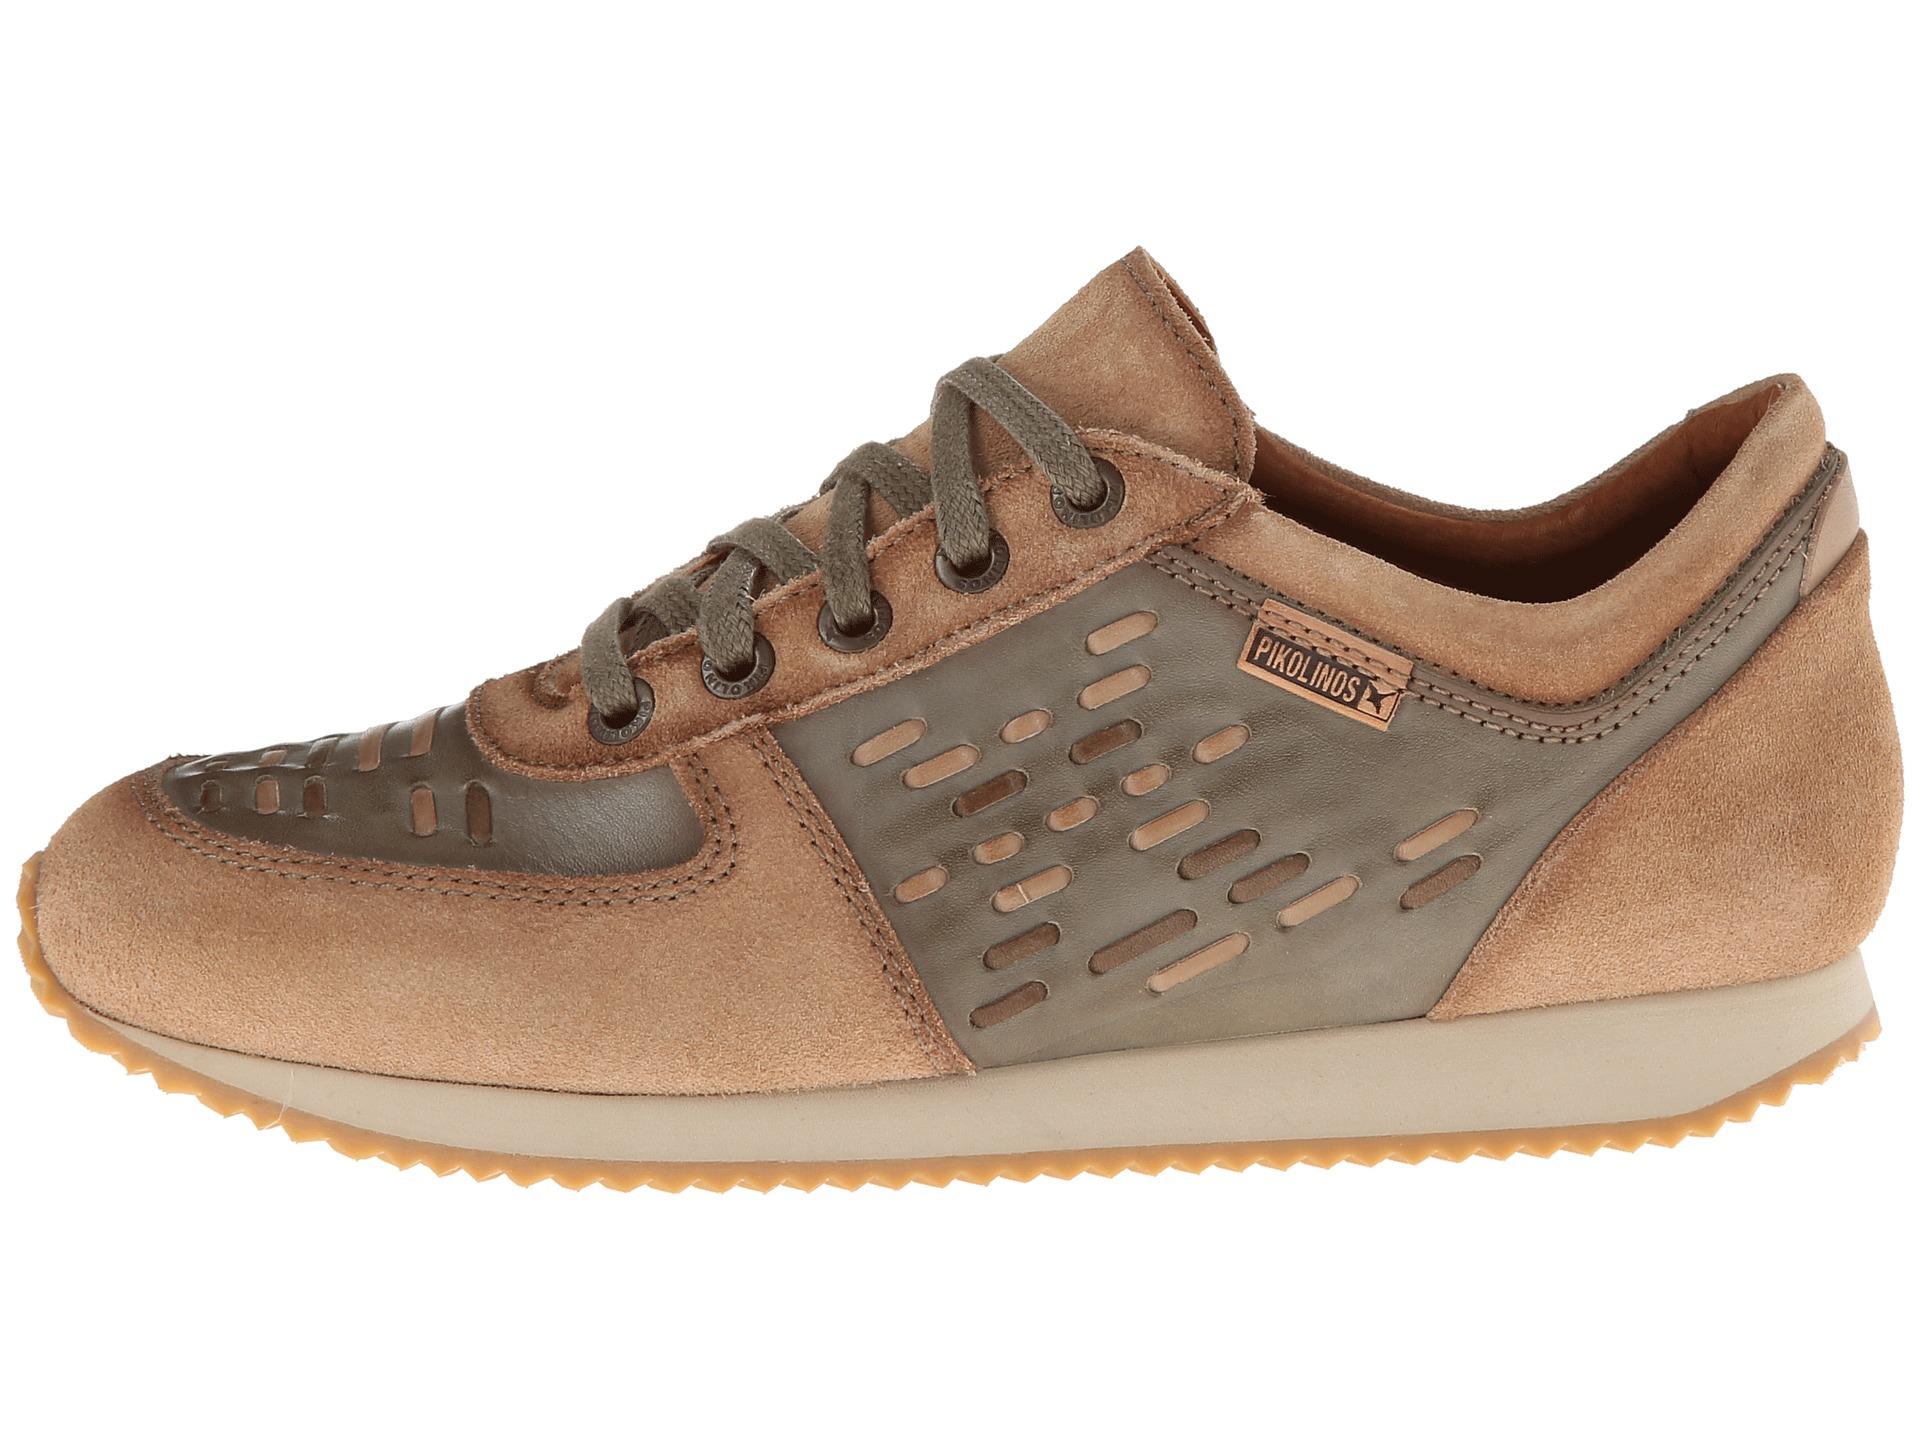 6de123083 Мужская обувь браска отзывы. Интернет-магазин качественной брендовой ...